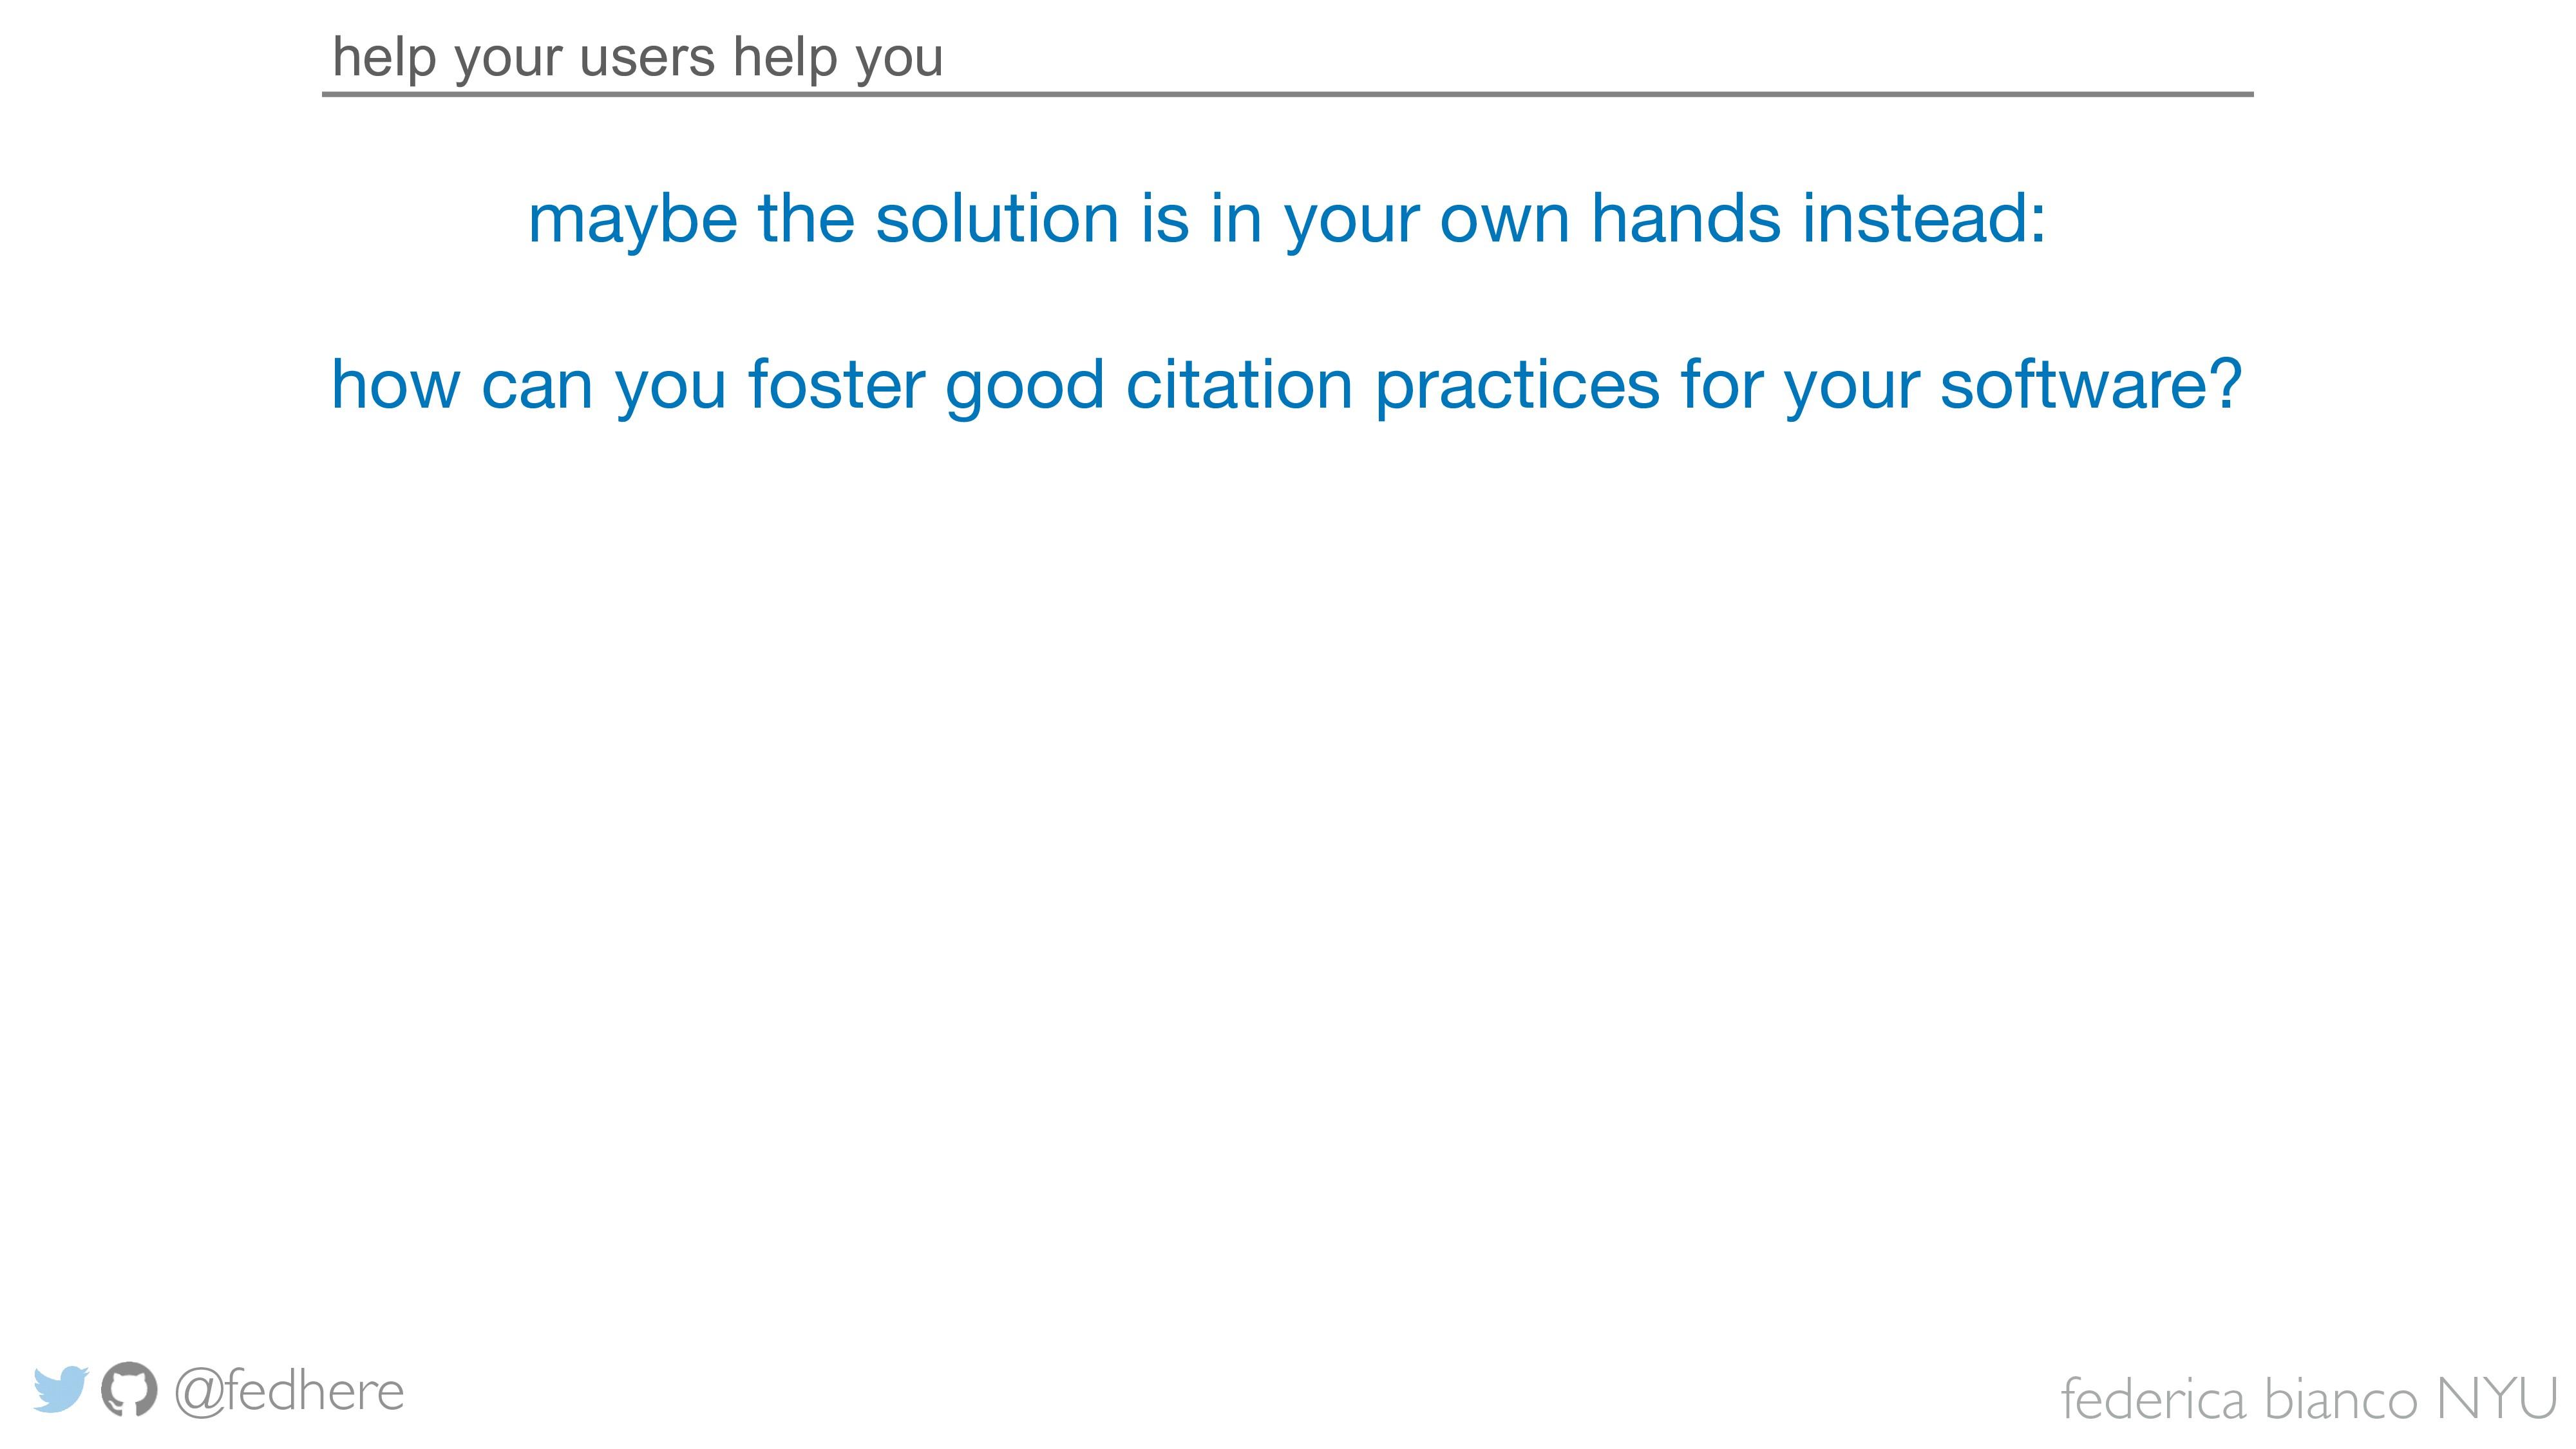 federica bianco NYU @fedhere help your users he...